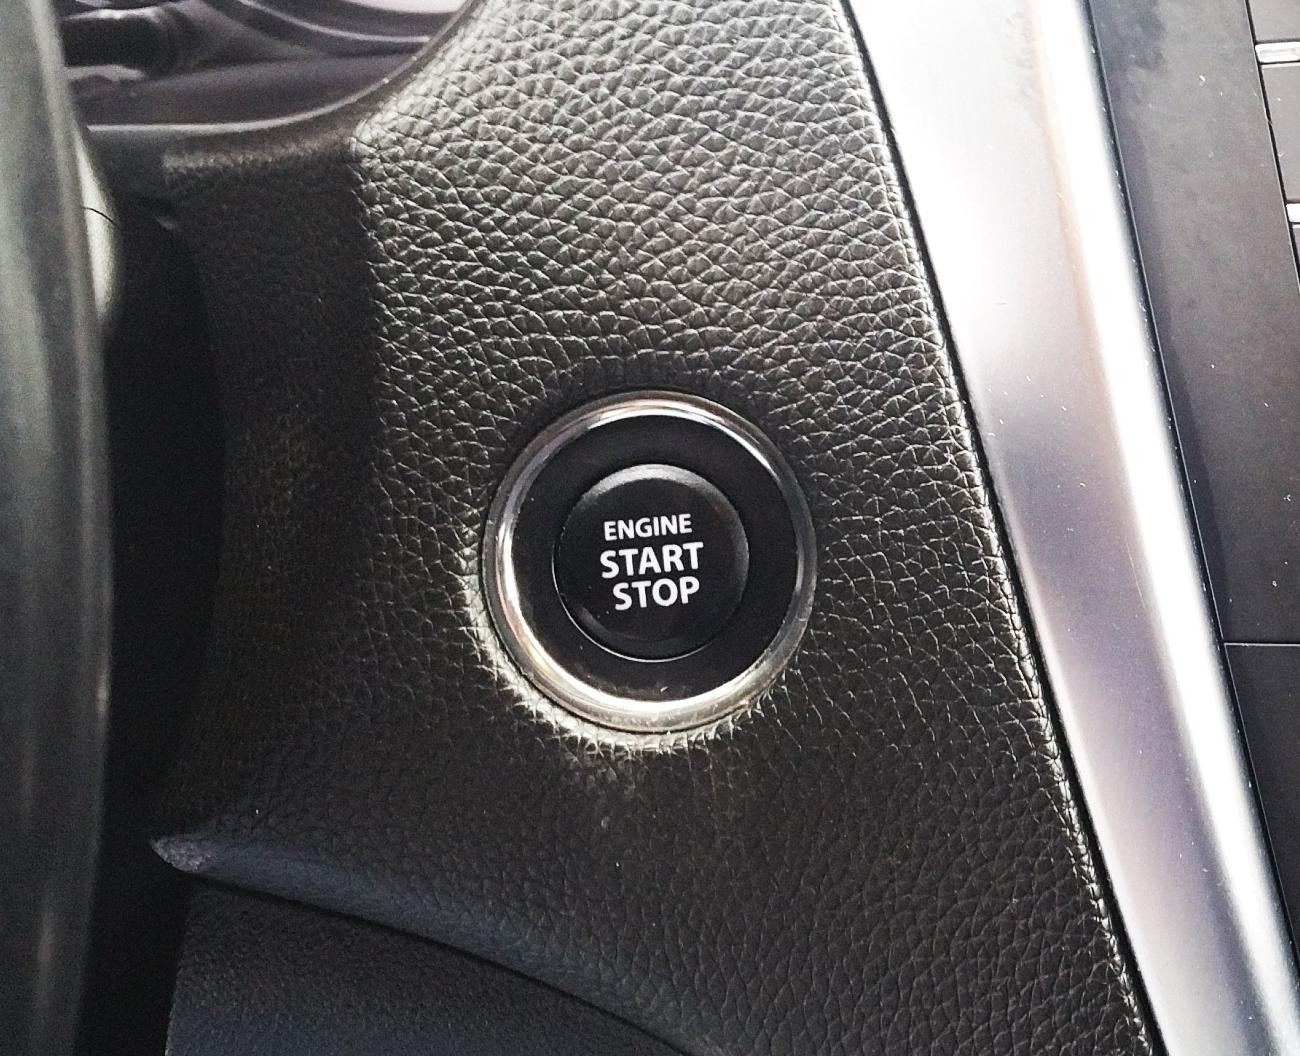 Info about Suzuki Kizashi Proximity Keys - McGuire Lock